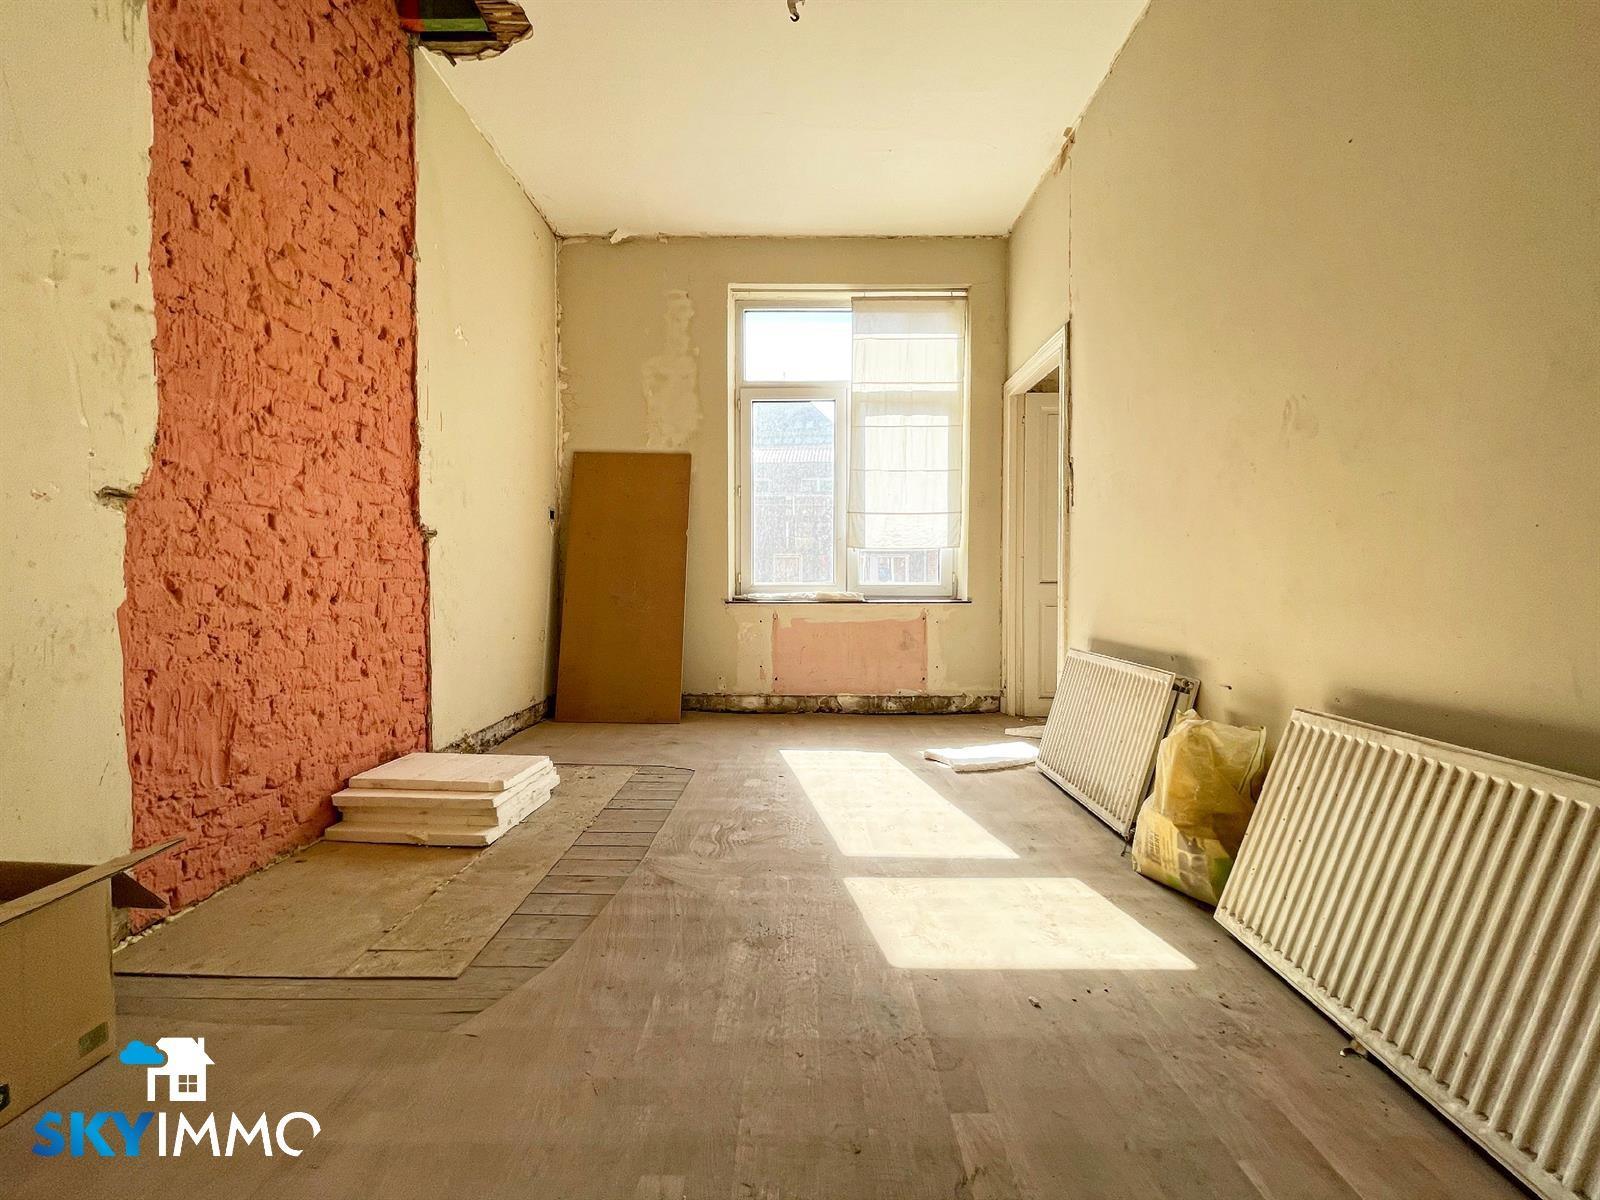 Maison - Liège - #4368190-11